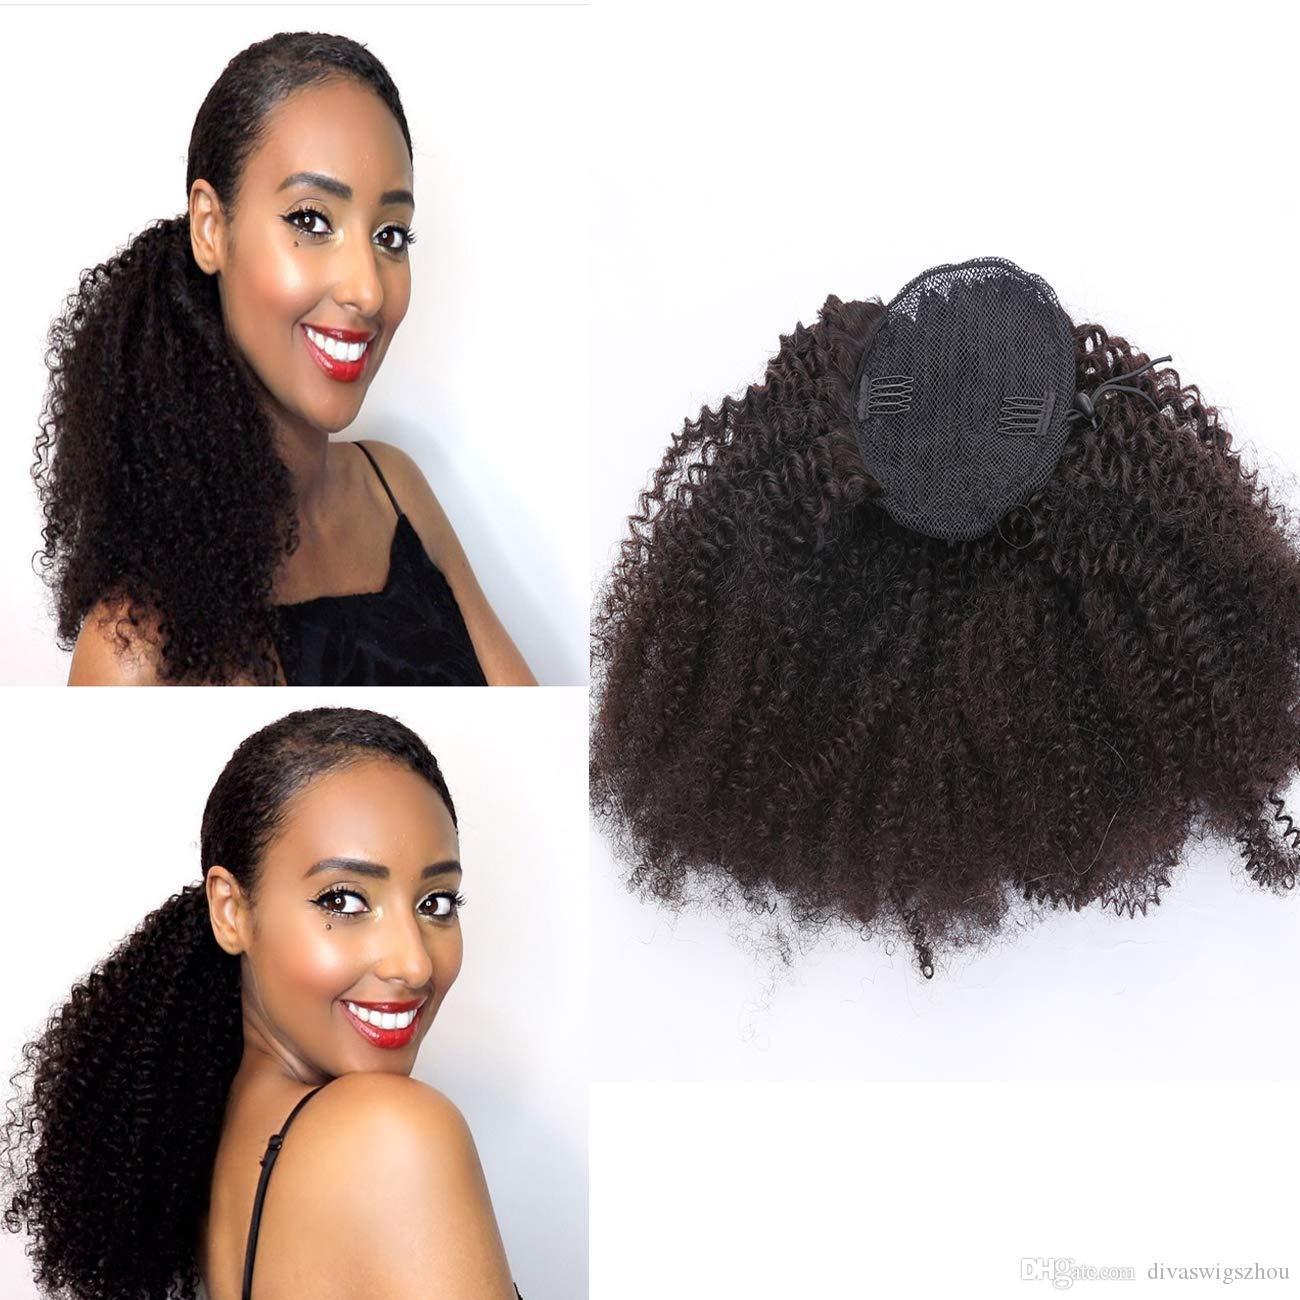 Afro Kinkys Kıvırcık İnsan Saç At Kuyruğu Sapıkça Kıvırcık Üst Kapatma İpli Saç At Kuyruğu Uzantıları Klip Doğal Siyah 120 gram (16 inç)